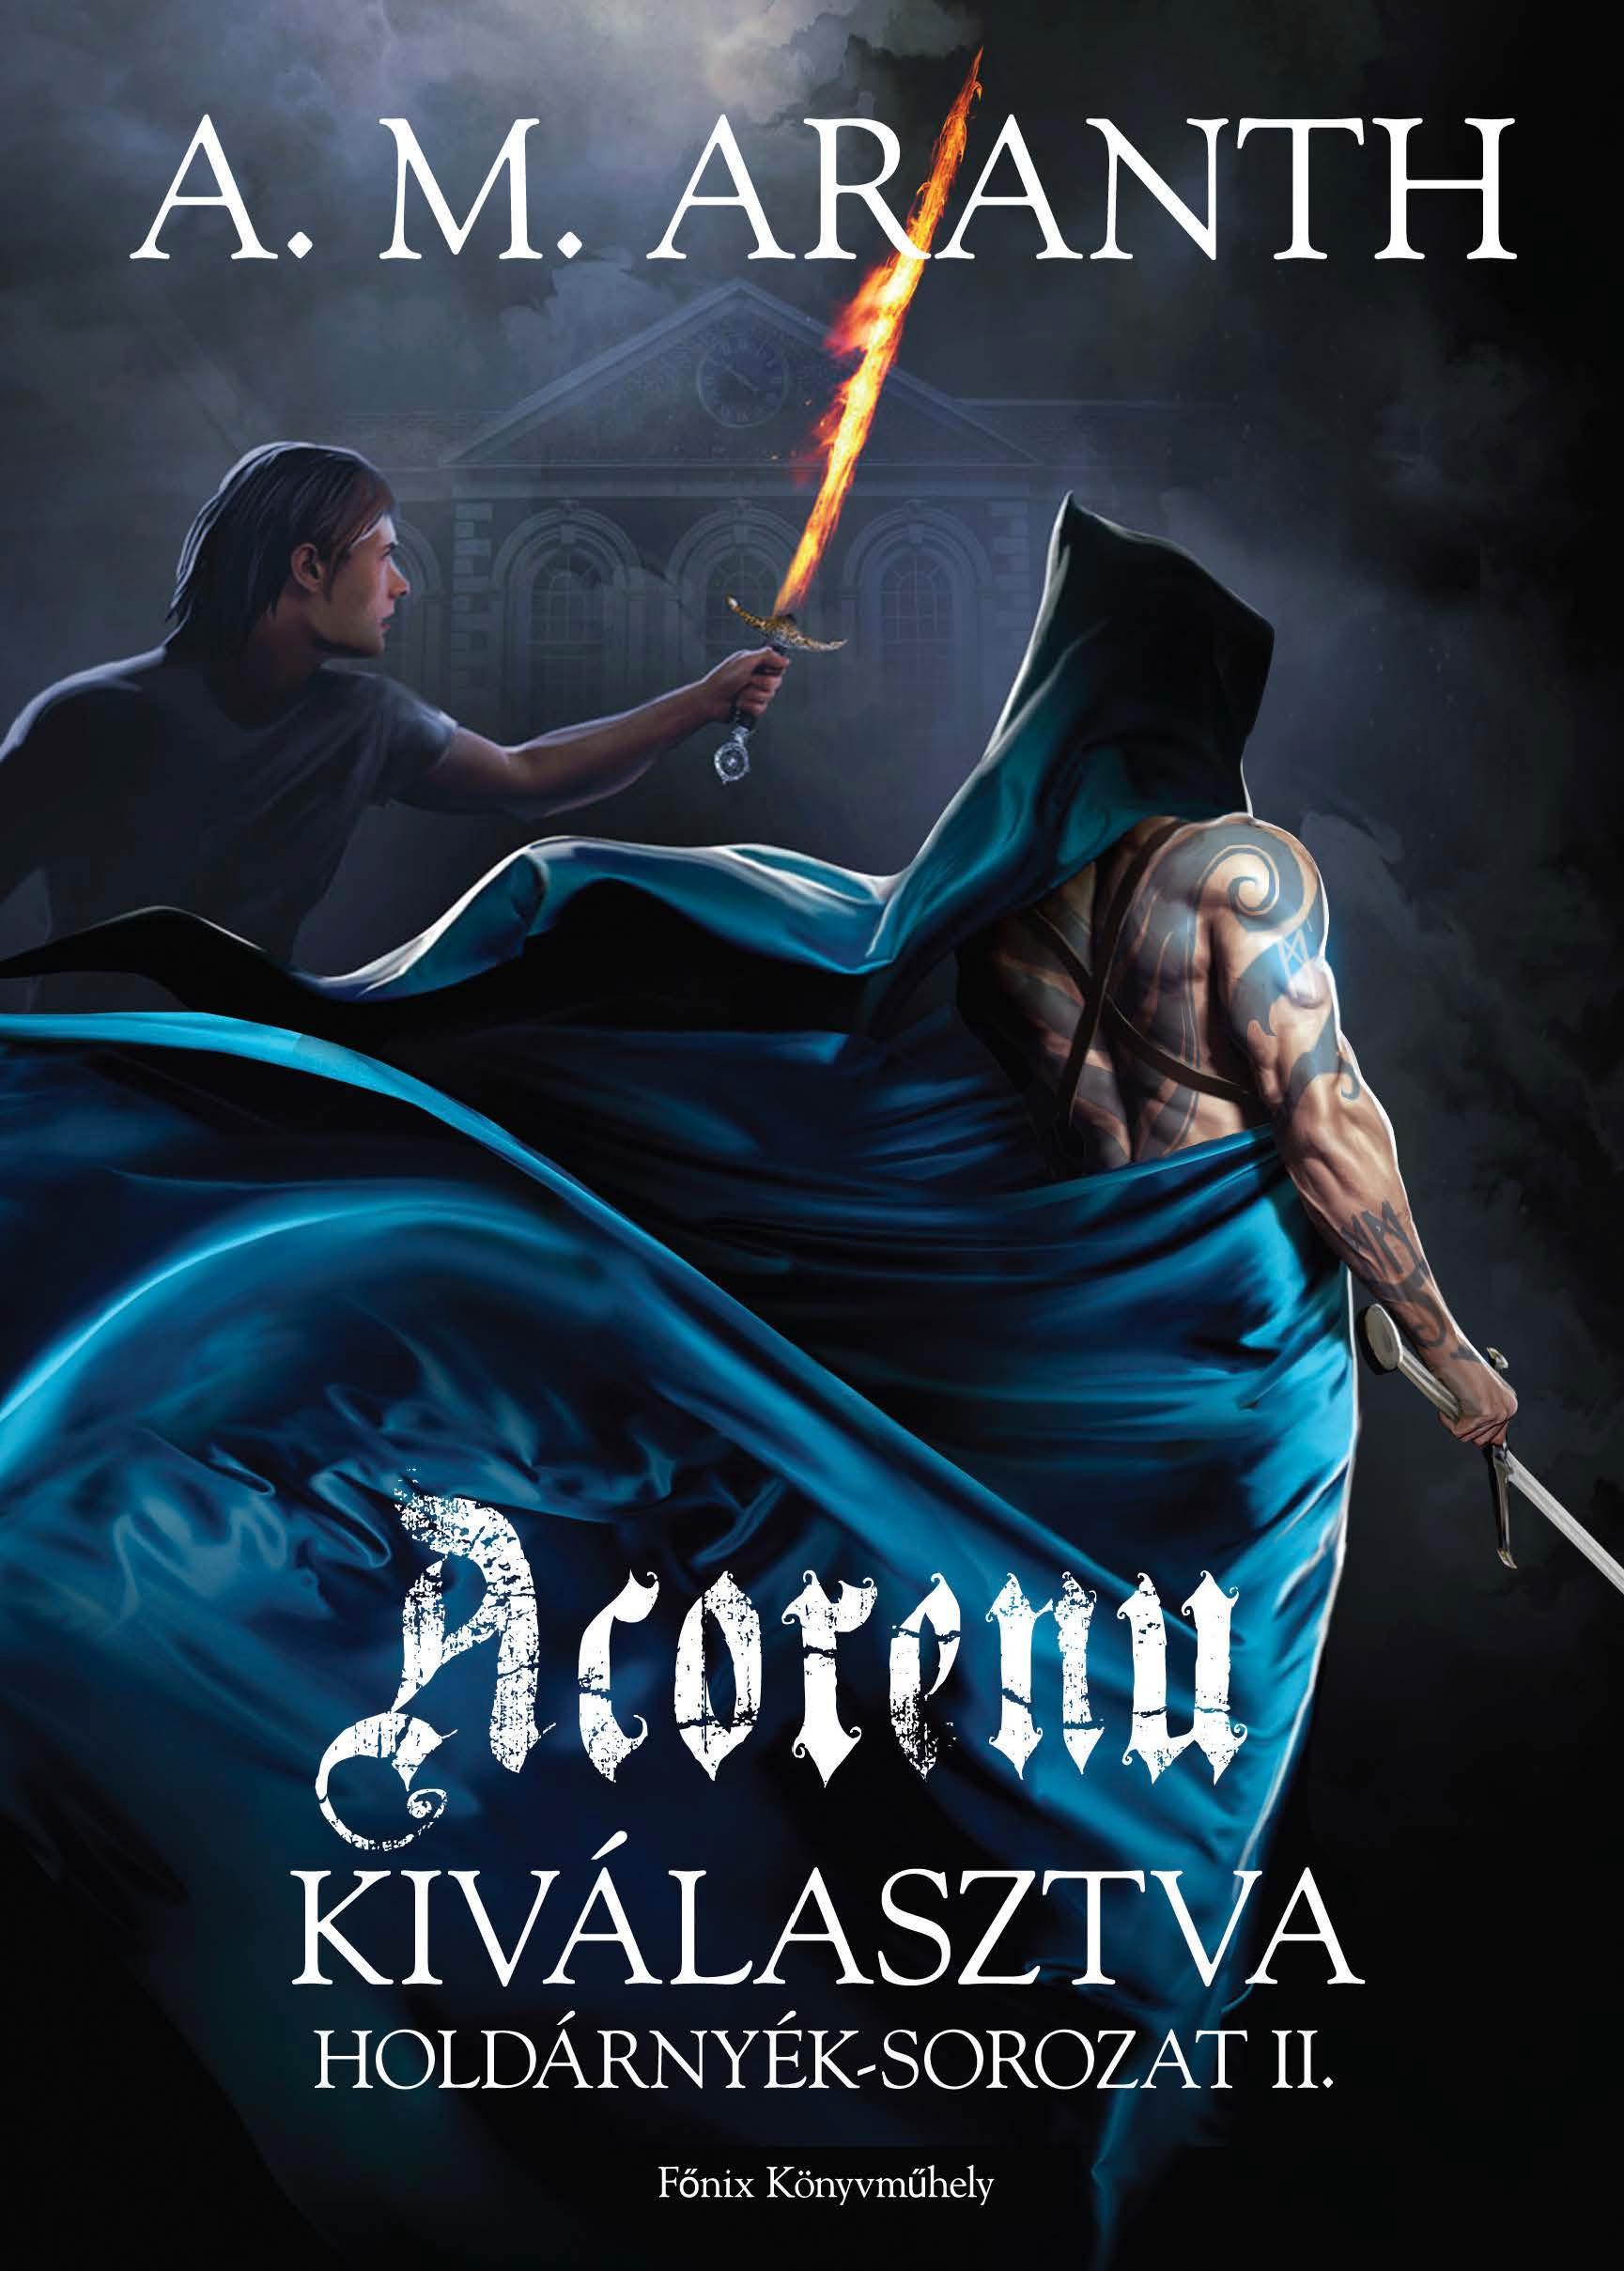 ACORENU - KIVÁLASZTVA - HOLDÁRNYÉK SOROZAT II.